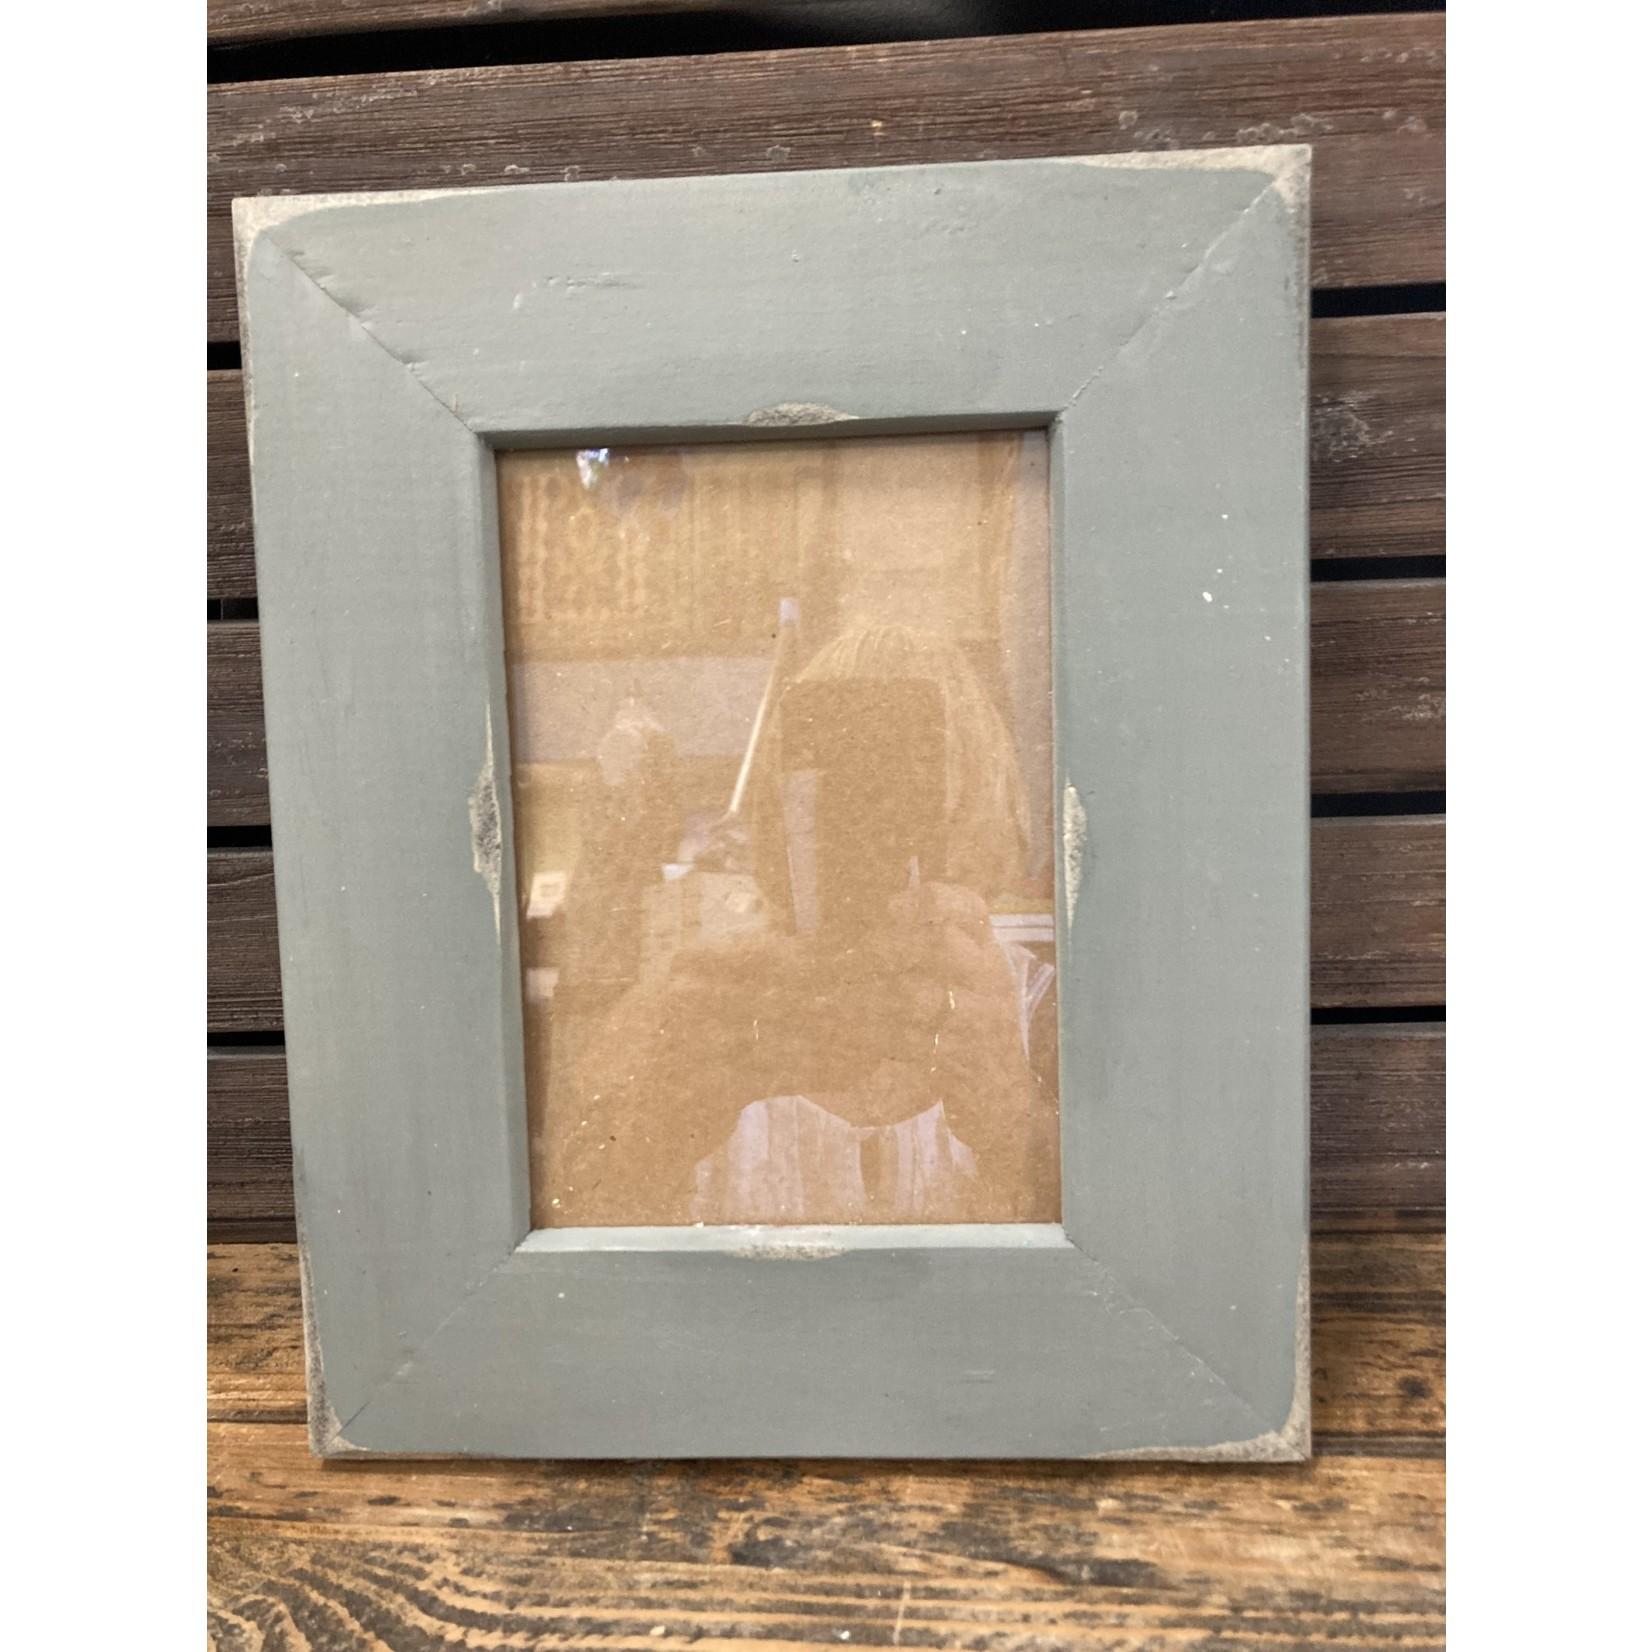 All Barn Wood Frames All Barnwood Frames 5 x 7 Gray Basic 2 in antique frame